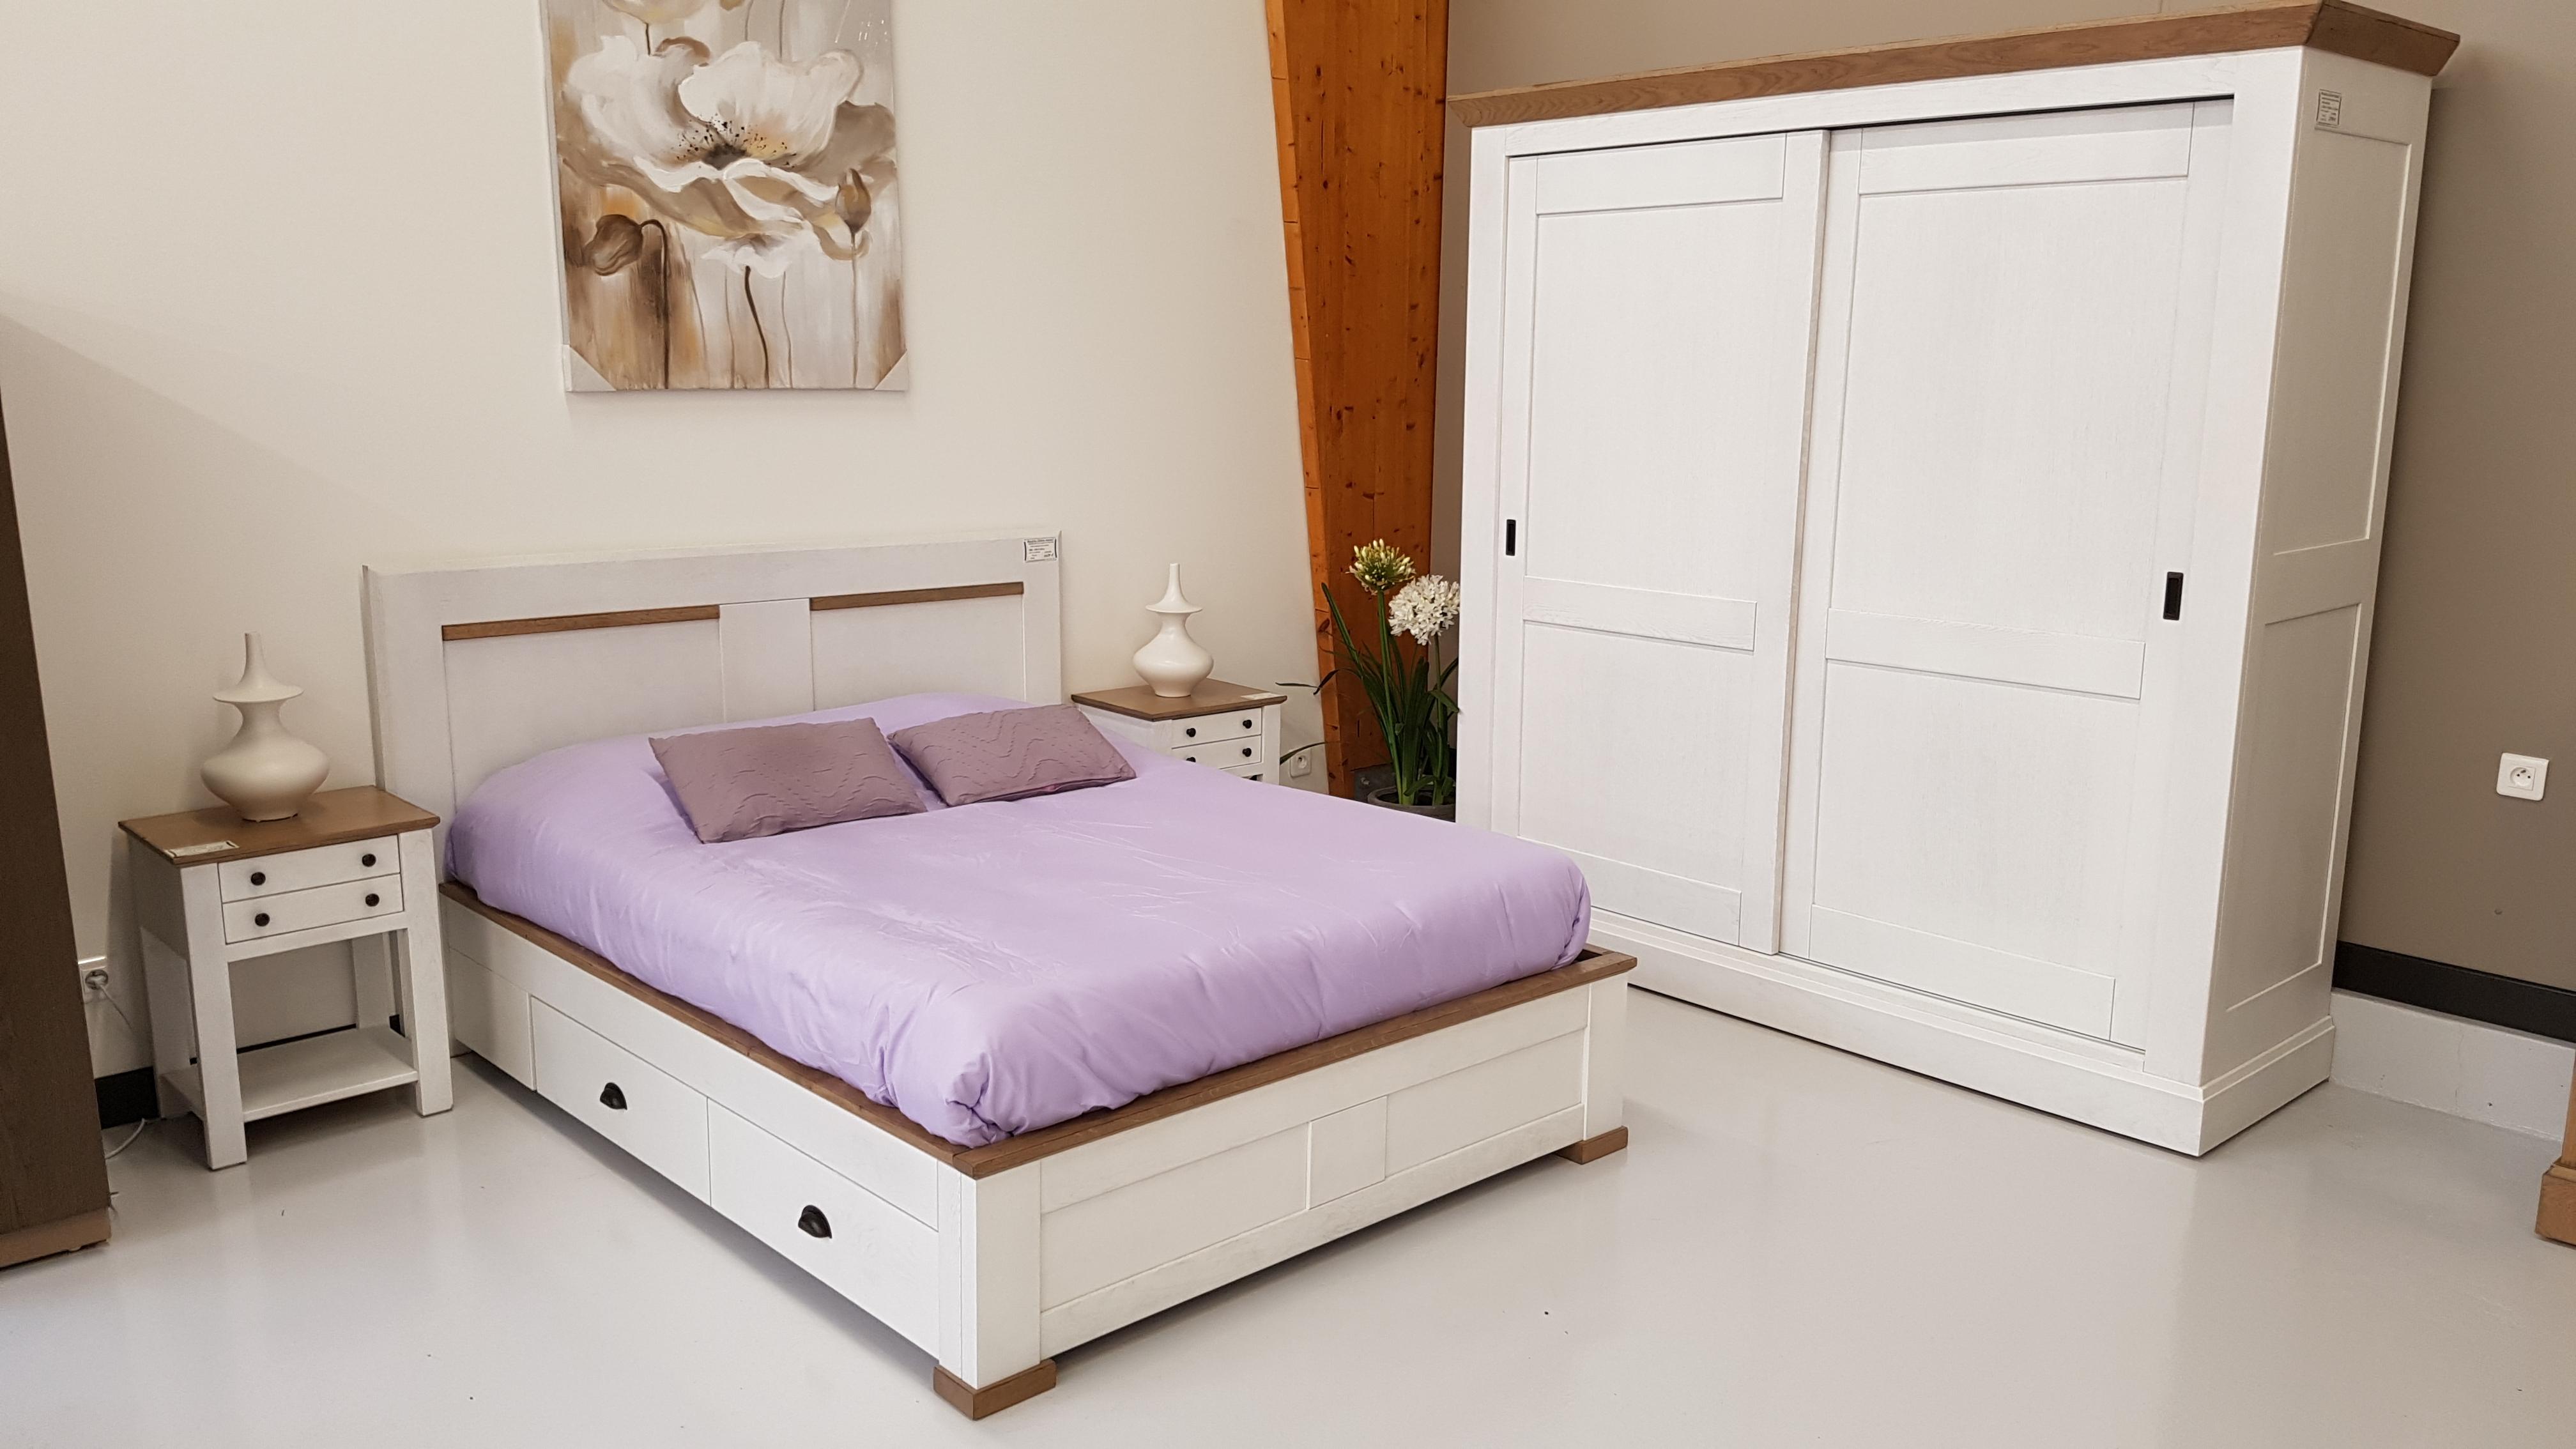 lit romance pour 140 x 190 avec 2 tiroirs ro1419t. Black Bedroom Furniture Sets. Home Design Ideas